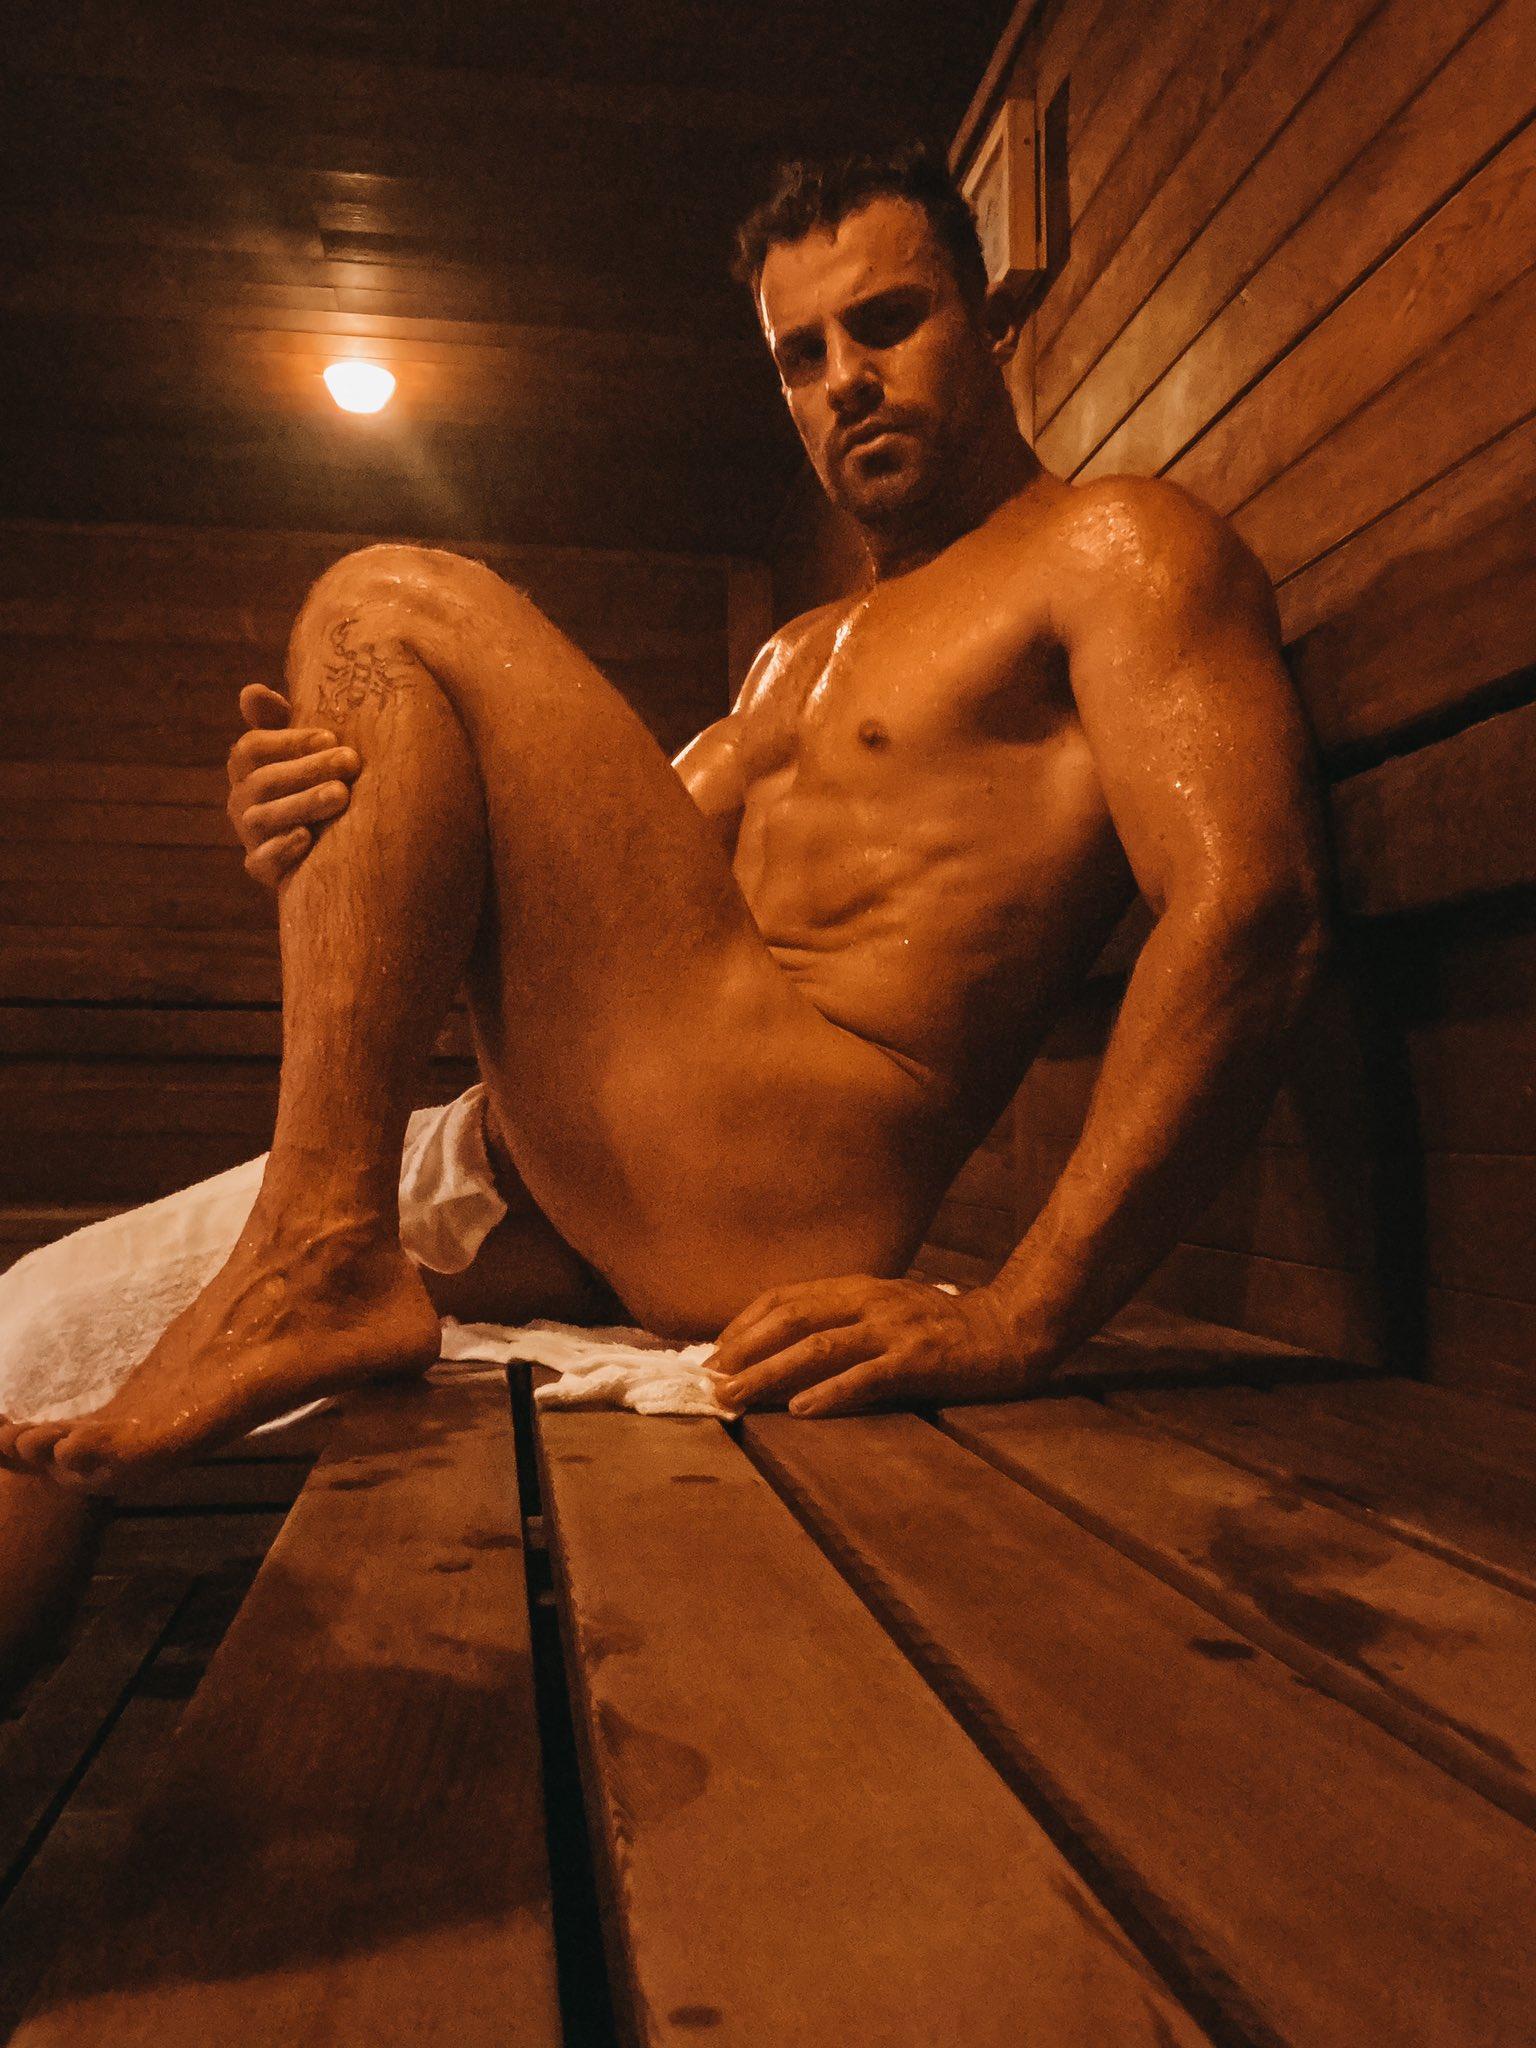 desnudo en el sauna esperando macho